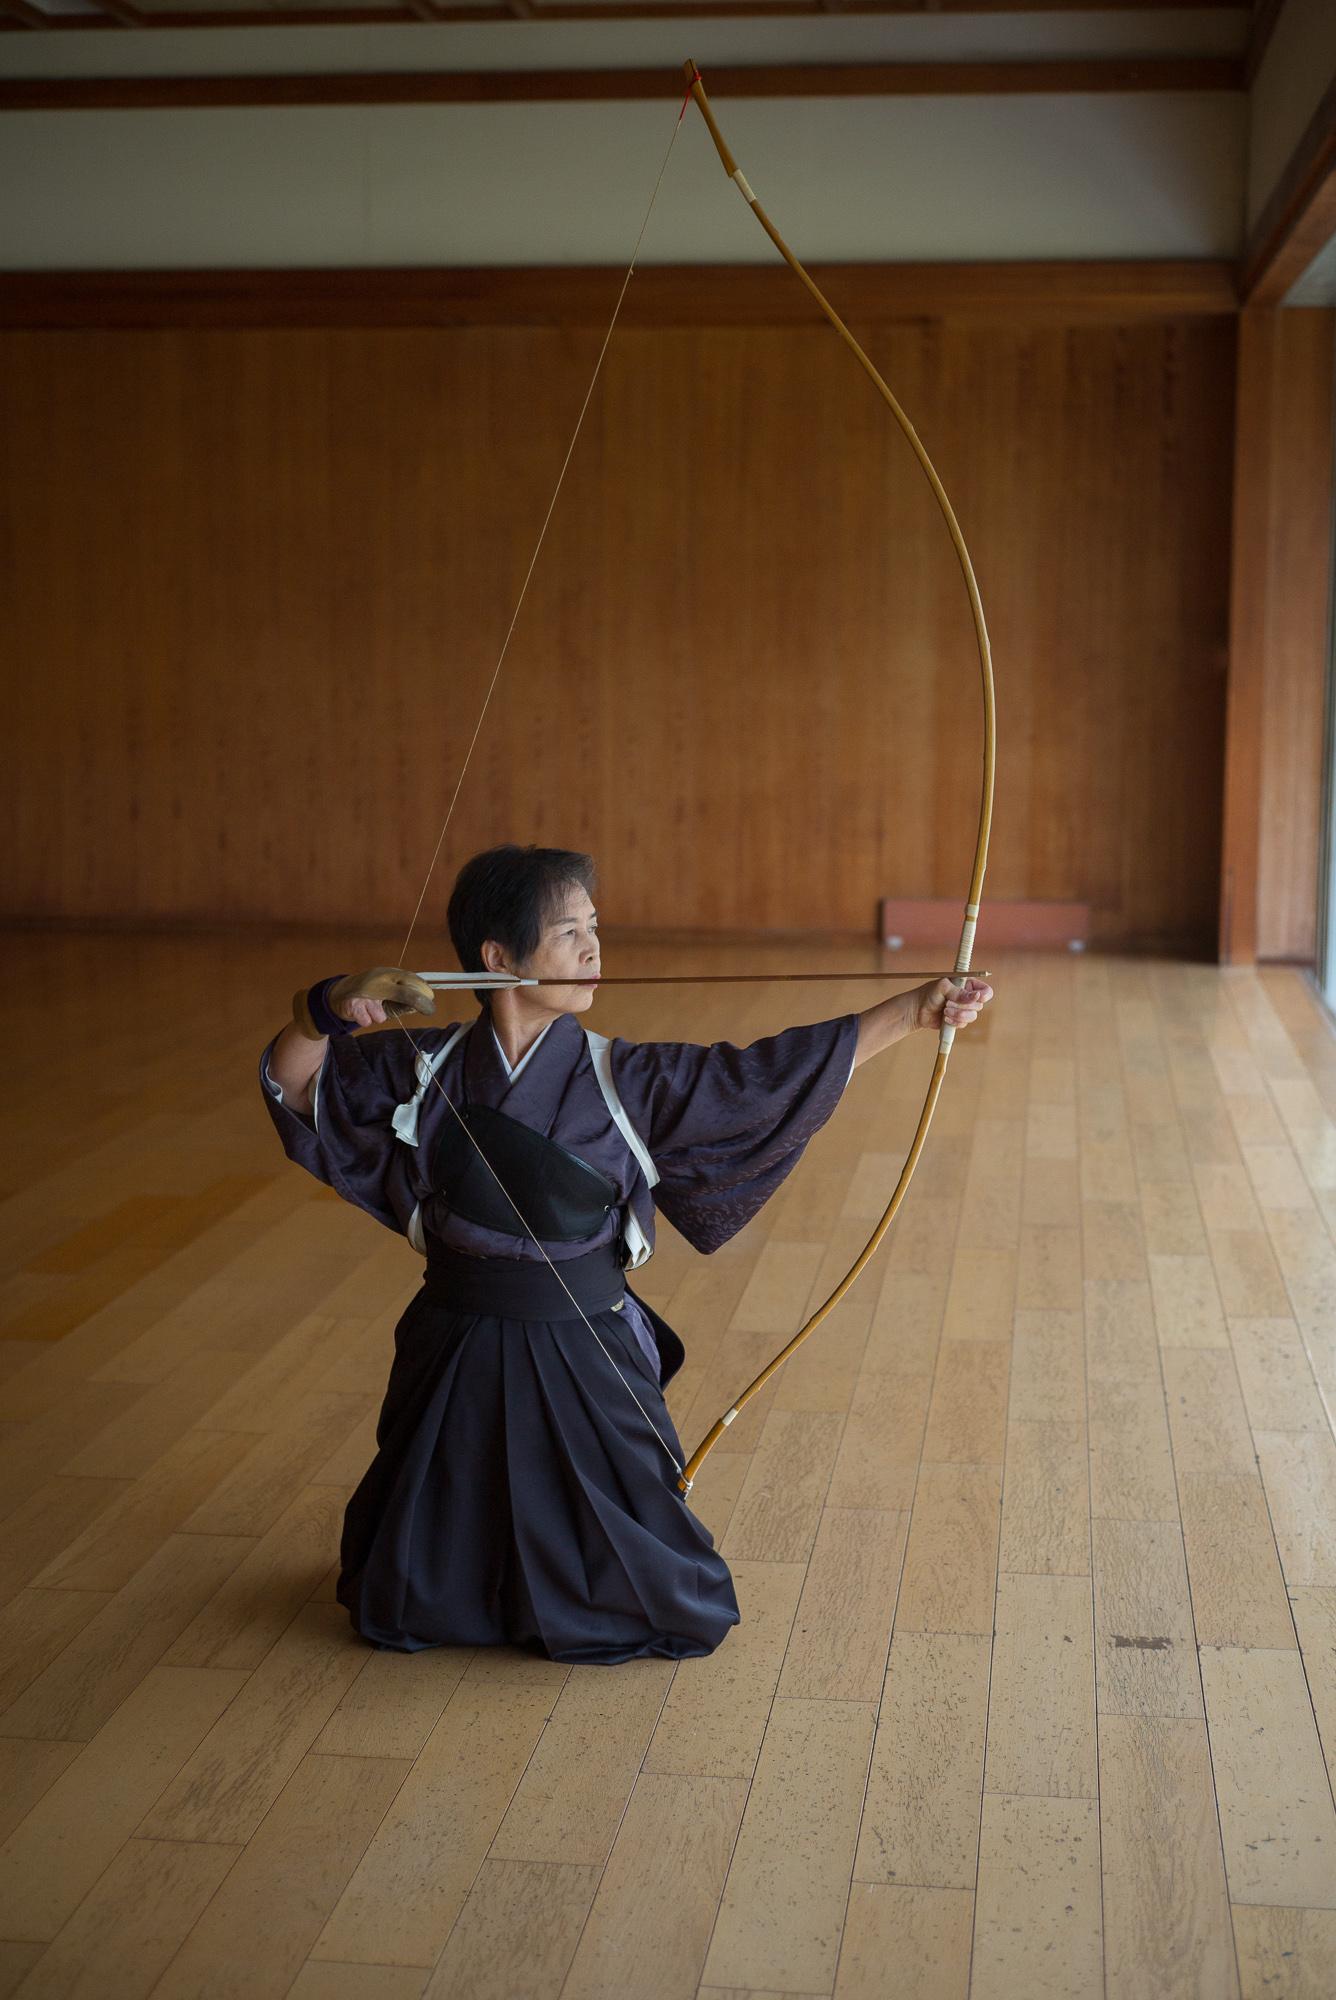 Zen in the Art of Archery © Adam Marelli-7.jpg